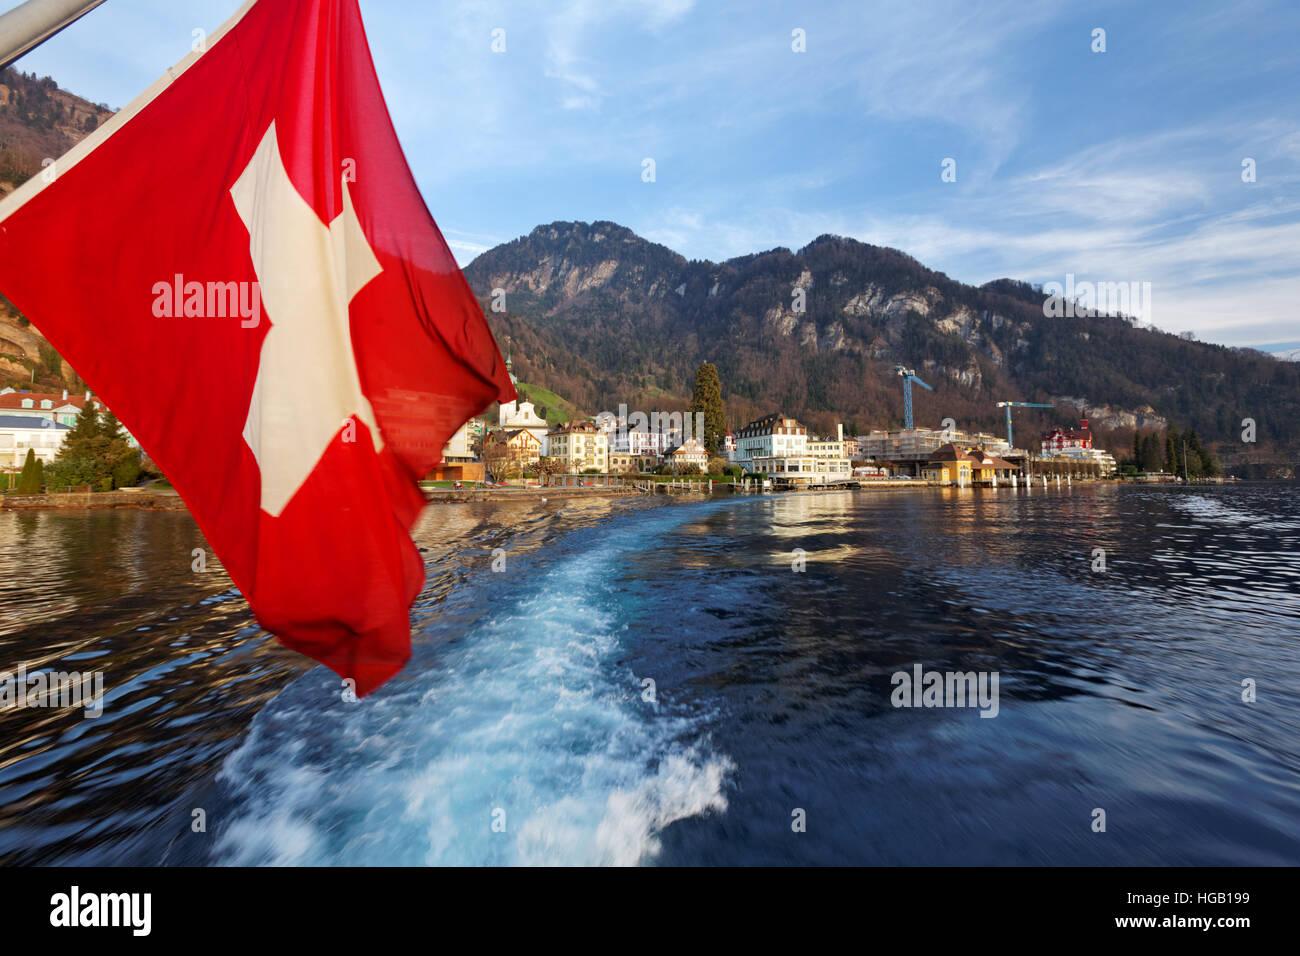 Swiss flag on tour boat cruising Lake Lucerne, Vitznau, Switzerland - Stock Image